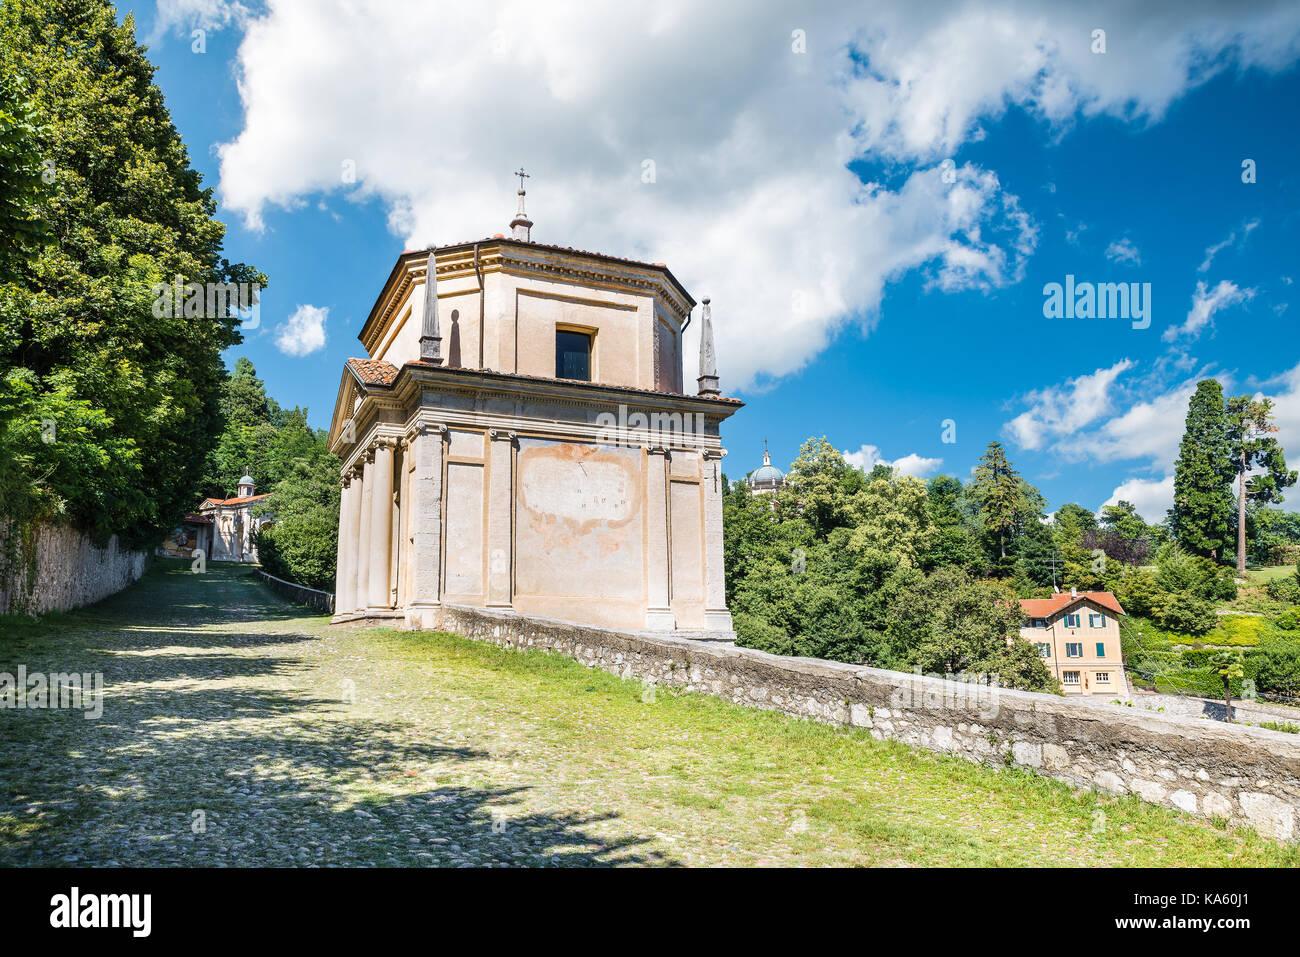 Via sacra stock photos via sacra stock images alamy - Divo santa maria a monte ...